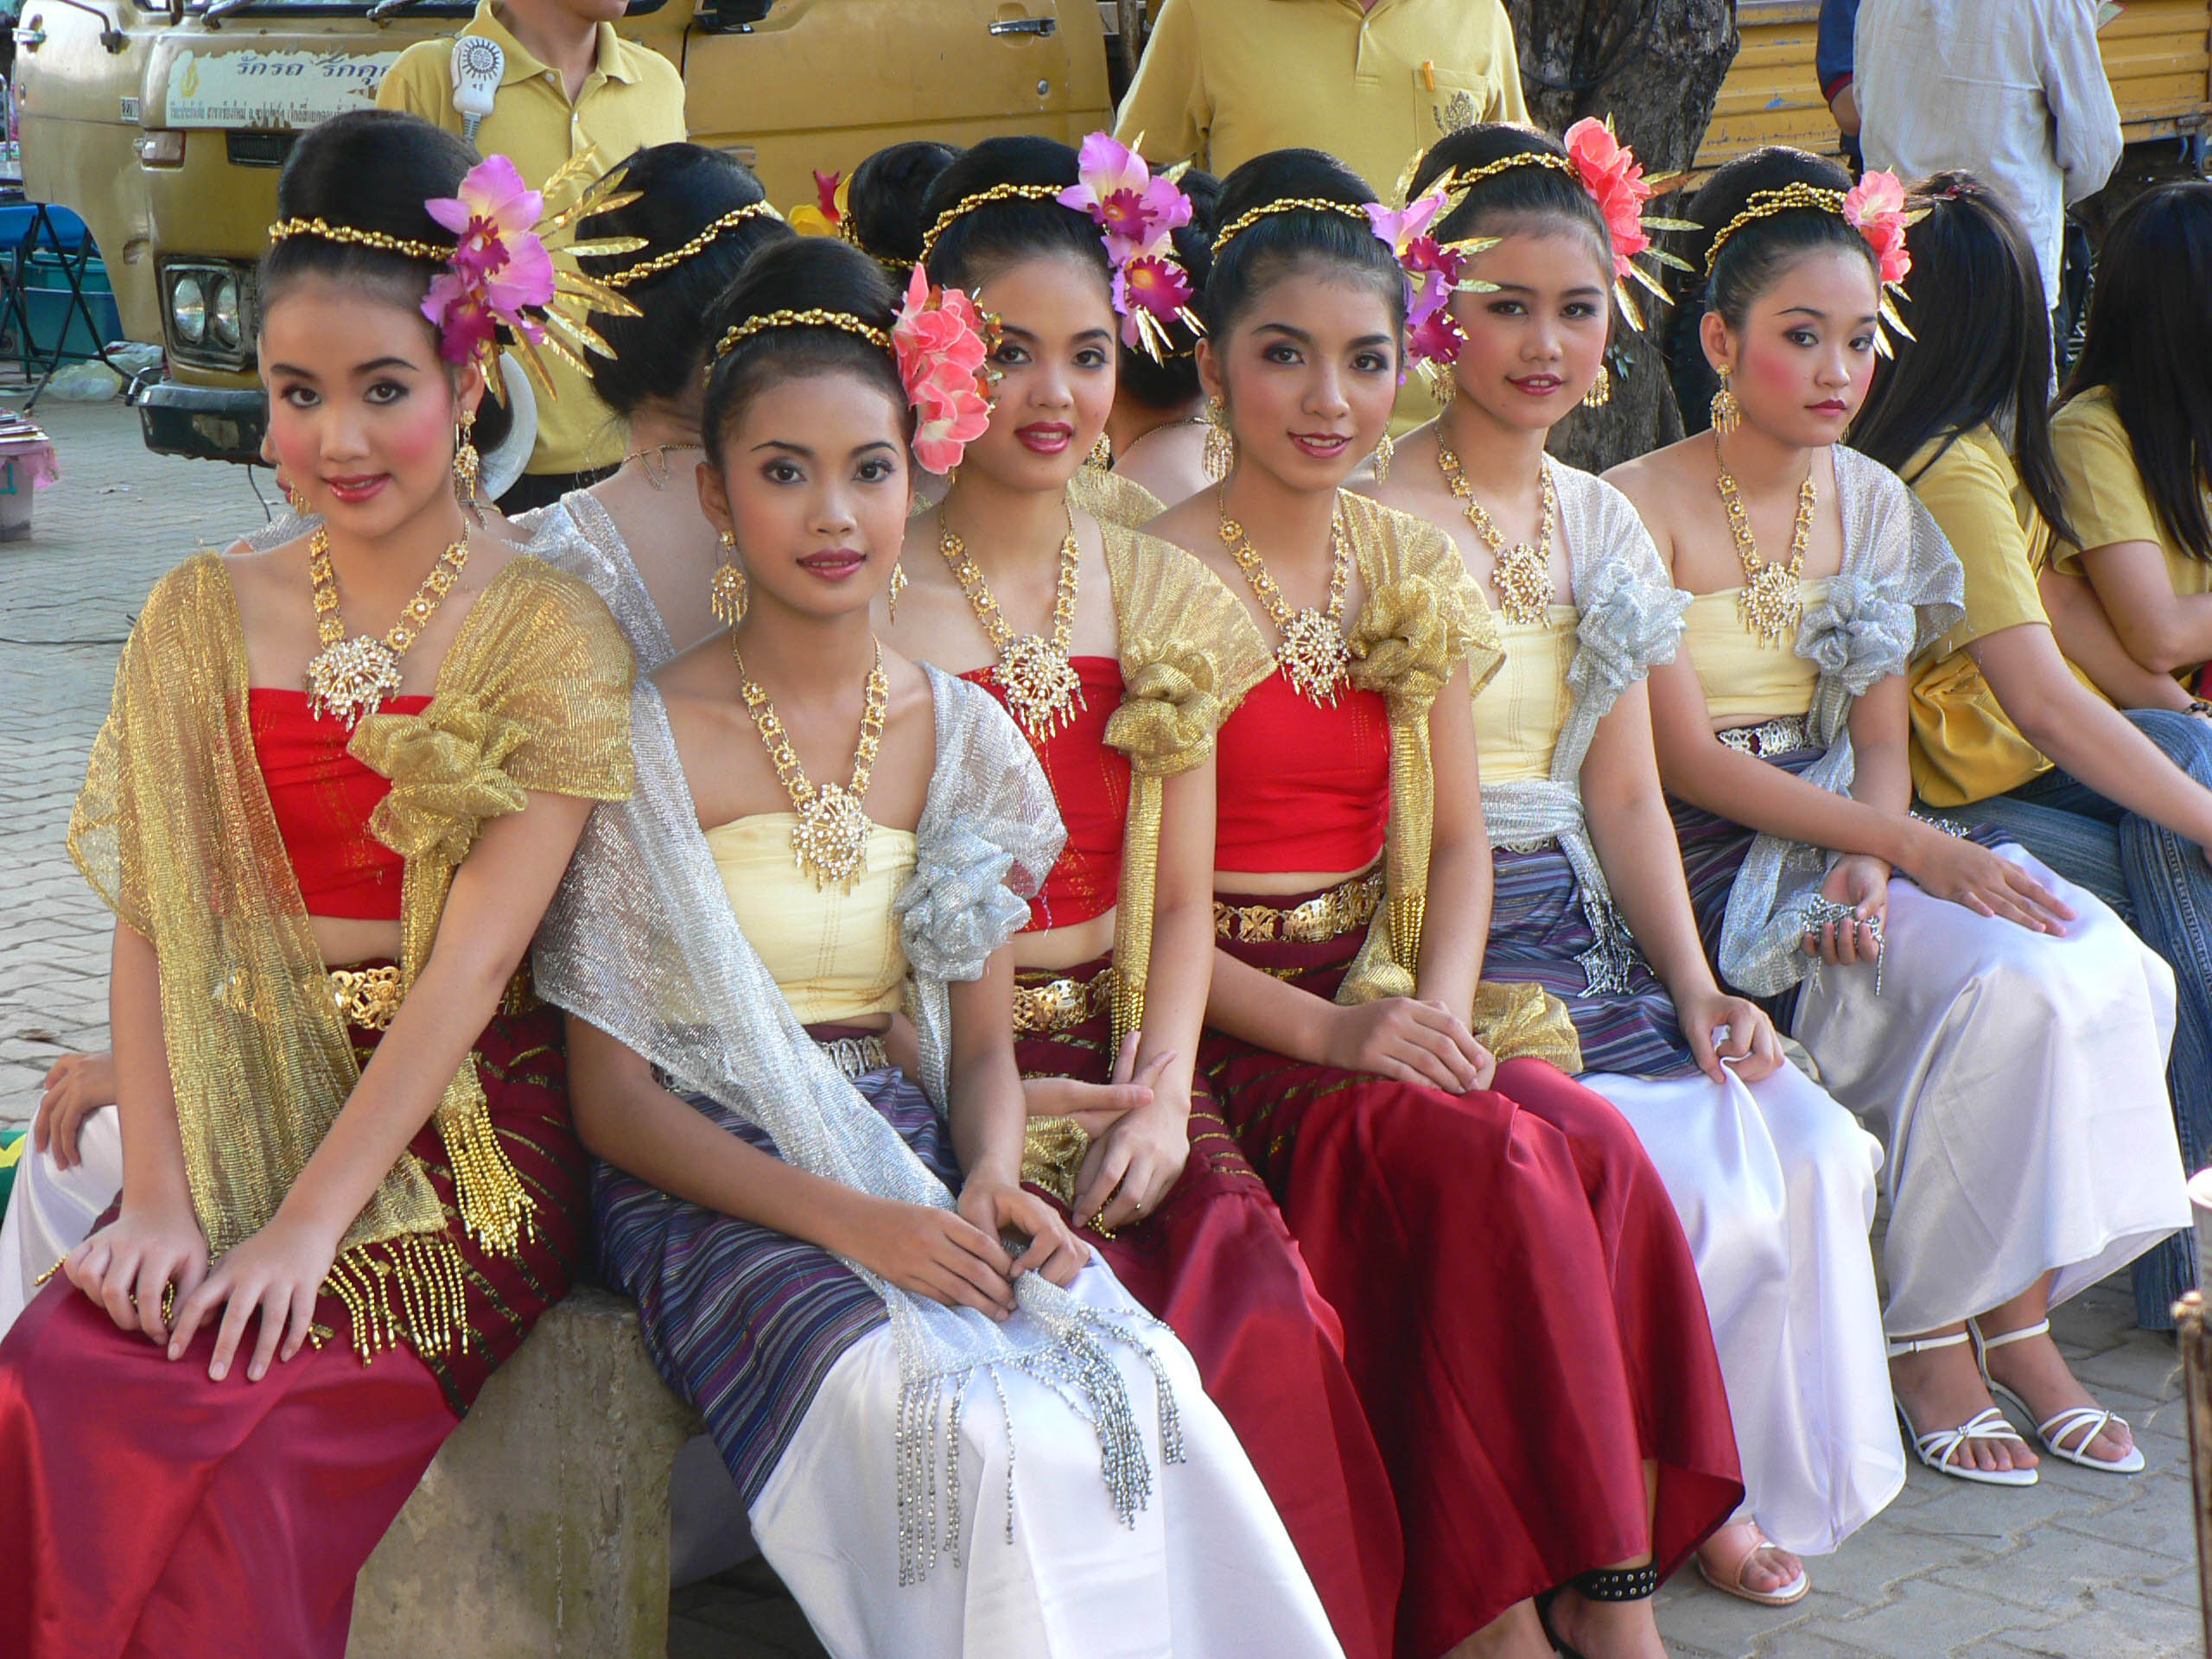 Фото тайских девочек 5 фотография